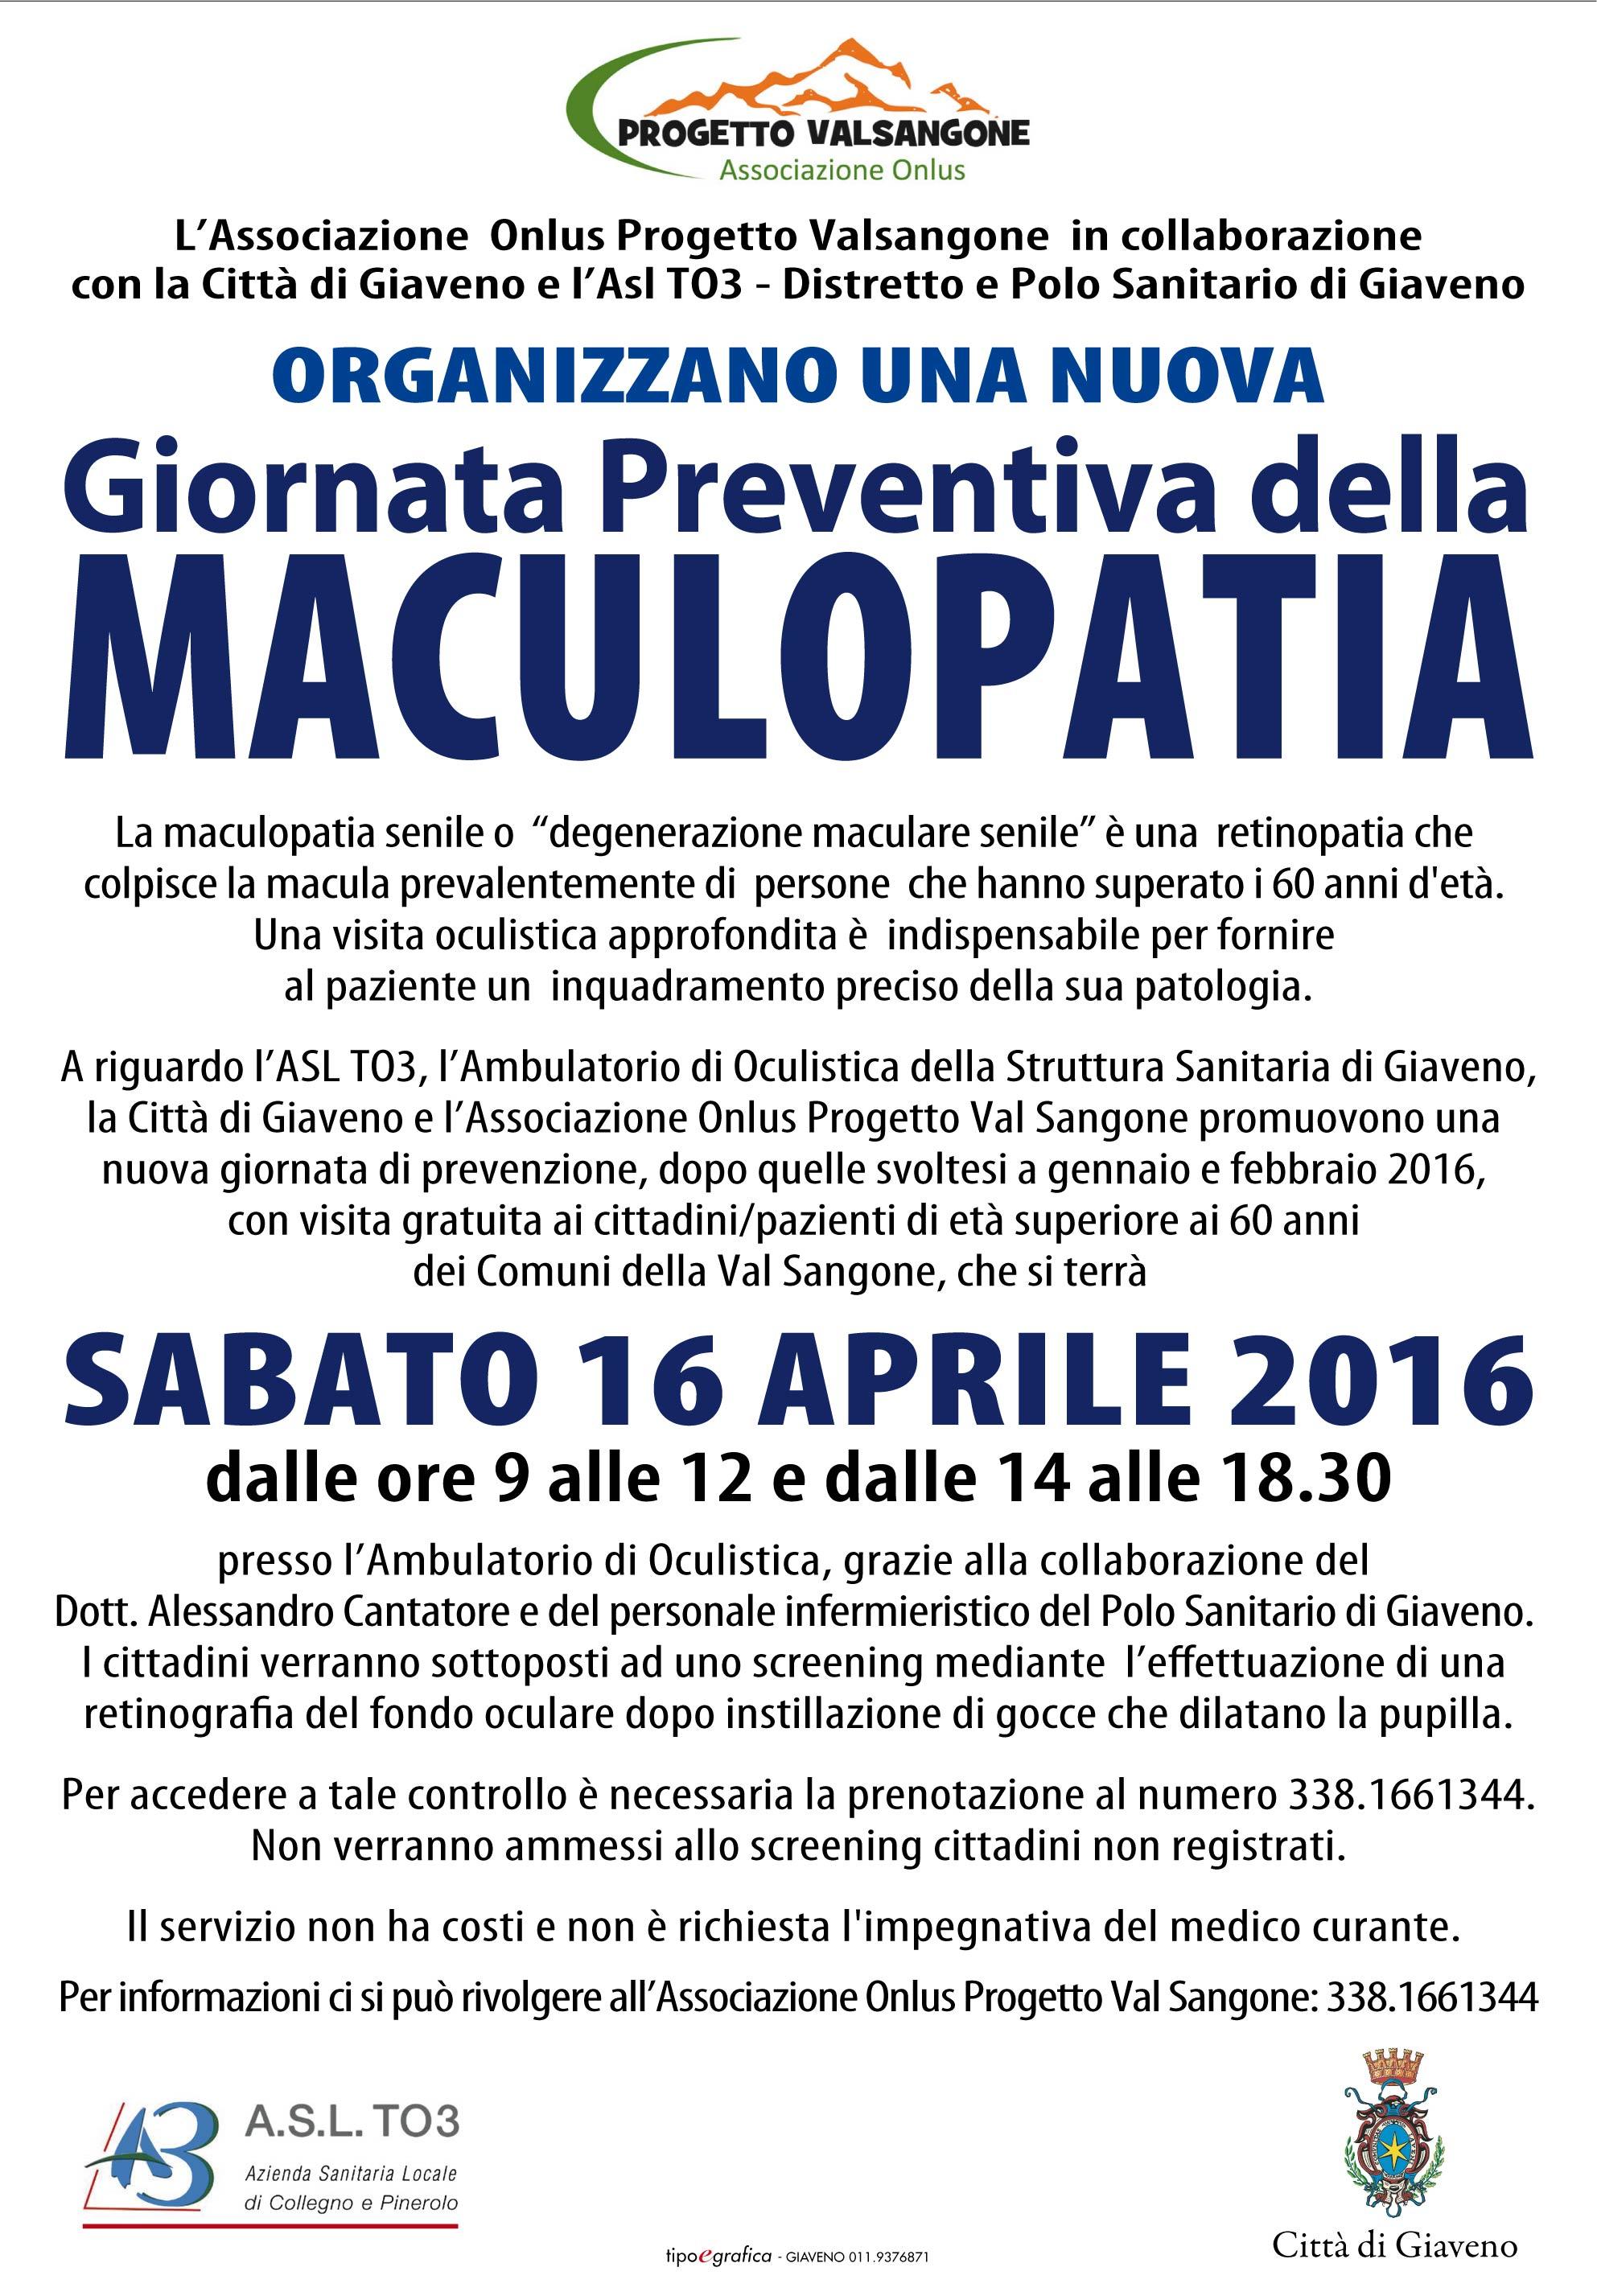 Giornata di prevenzione della Maculopatia – sabato 16 aprile 2016